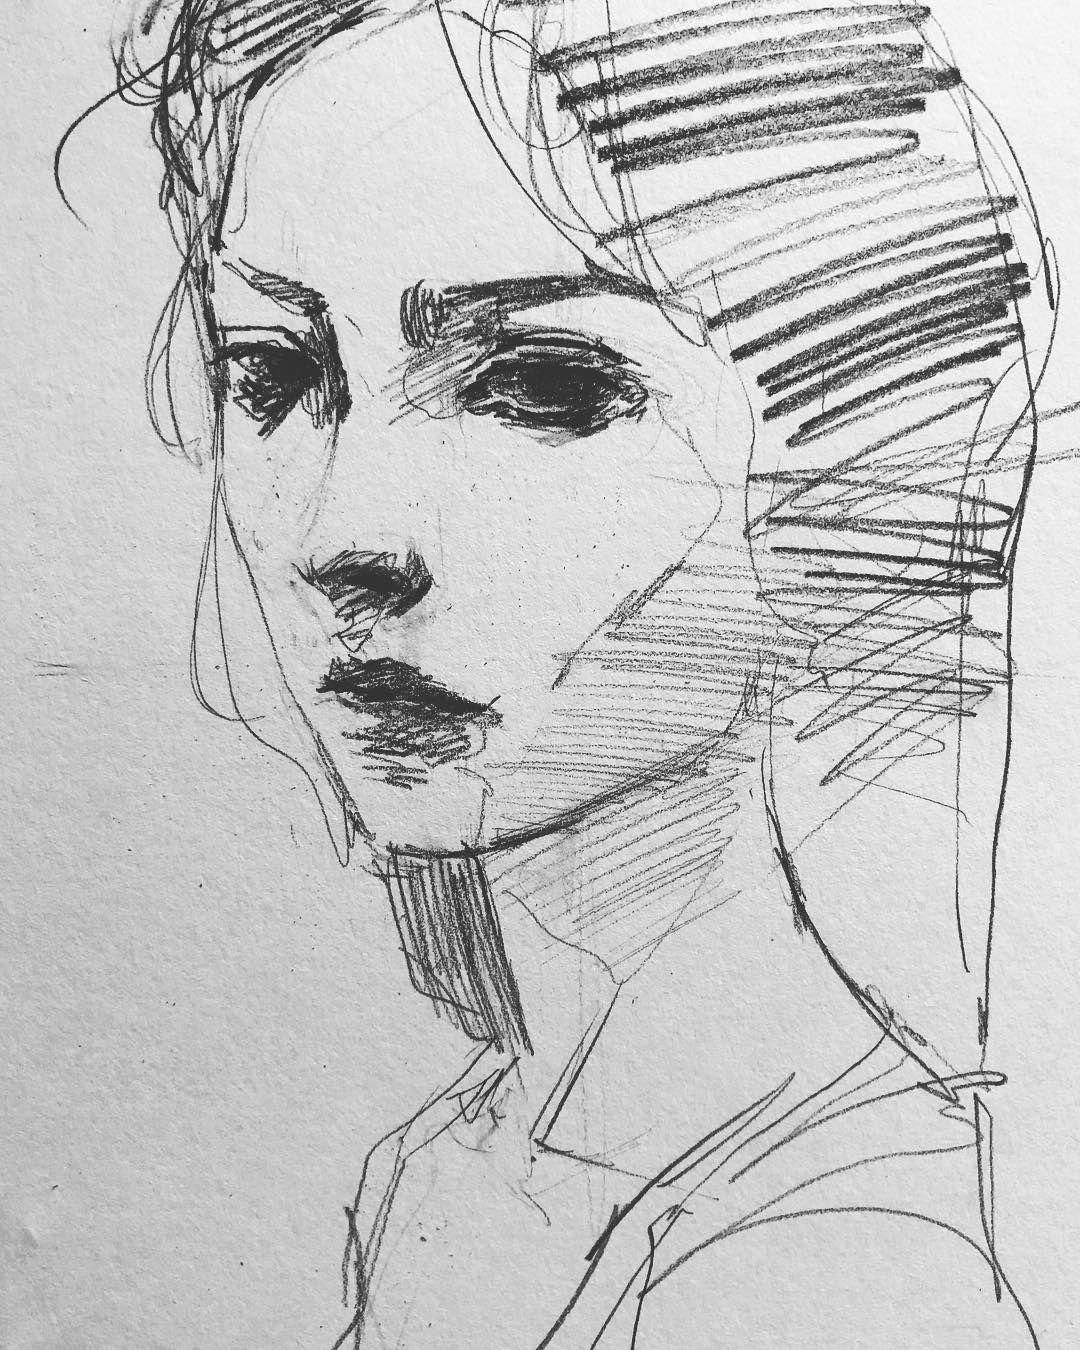 Рисование штрихами картинки